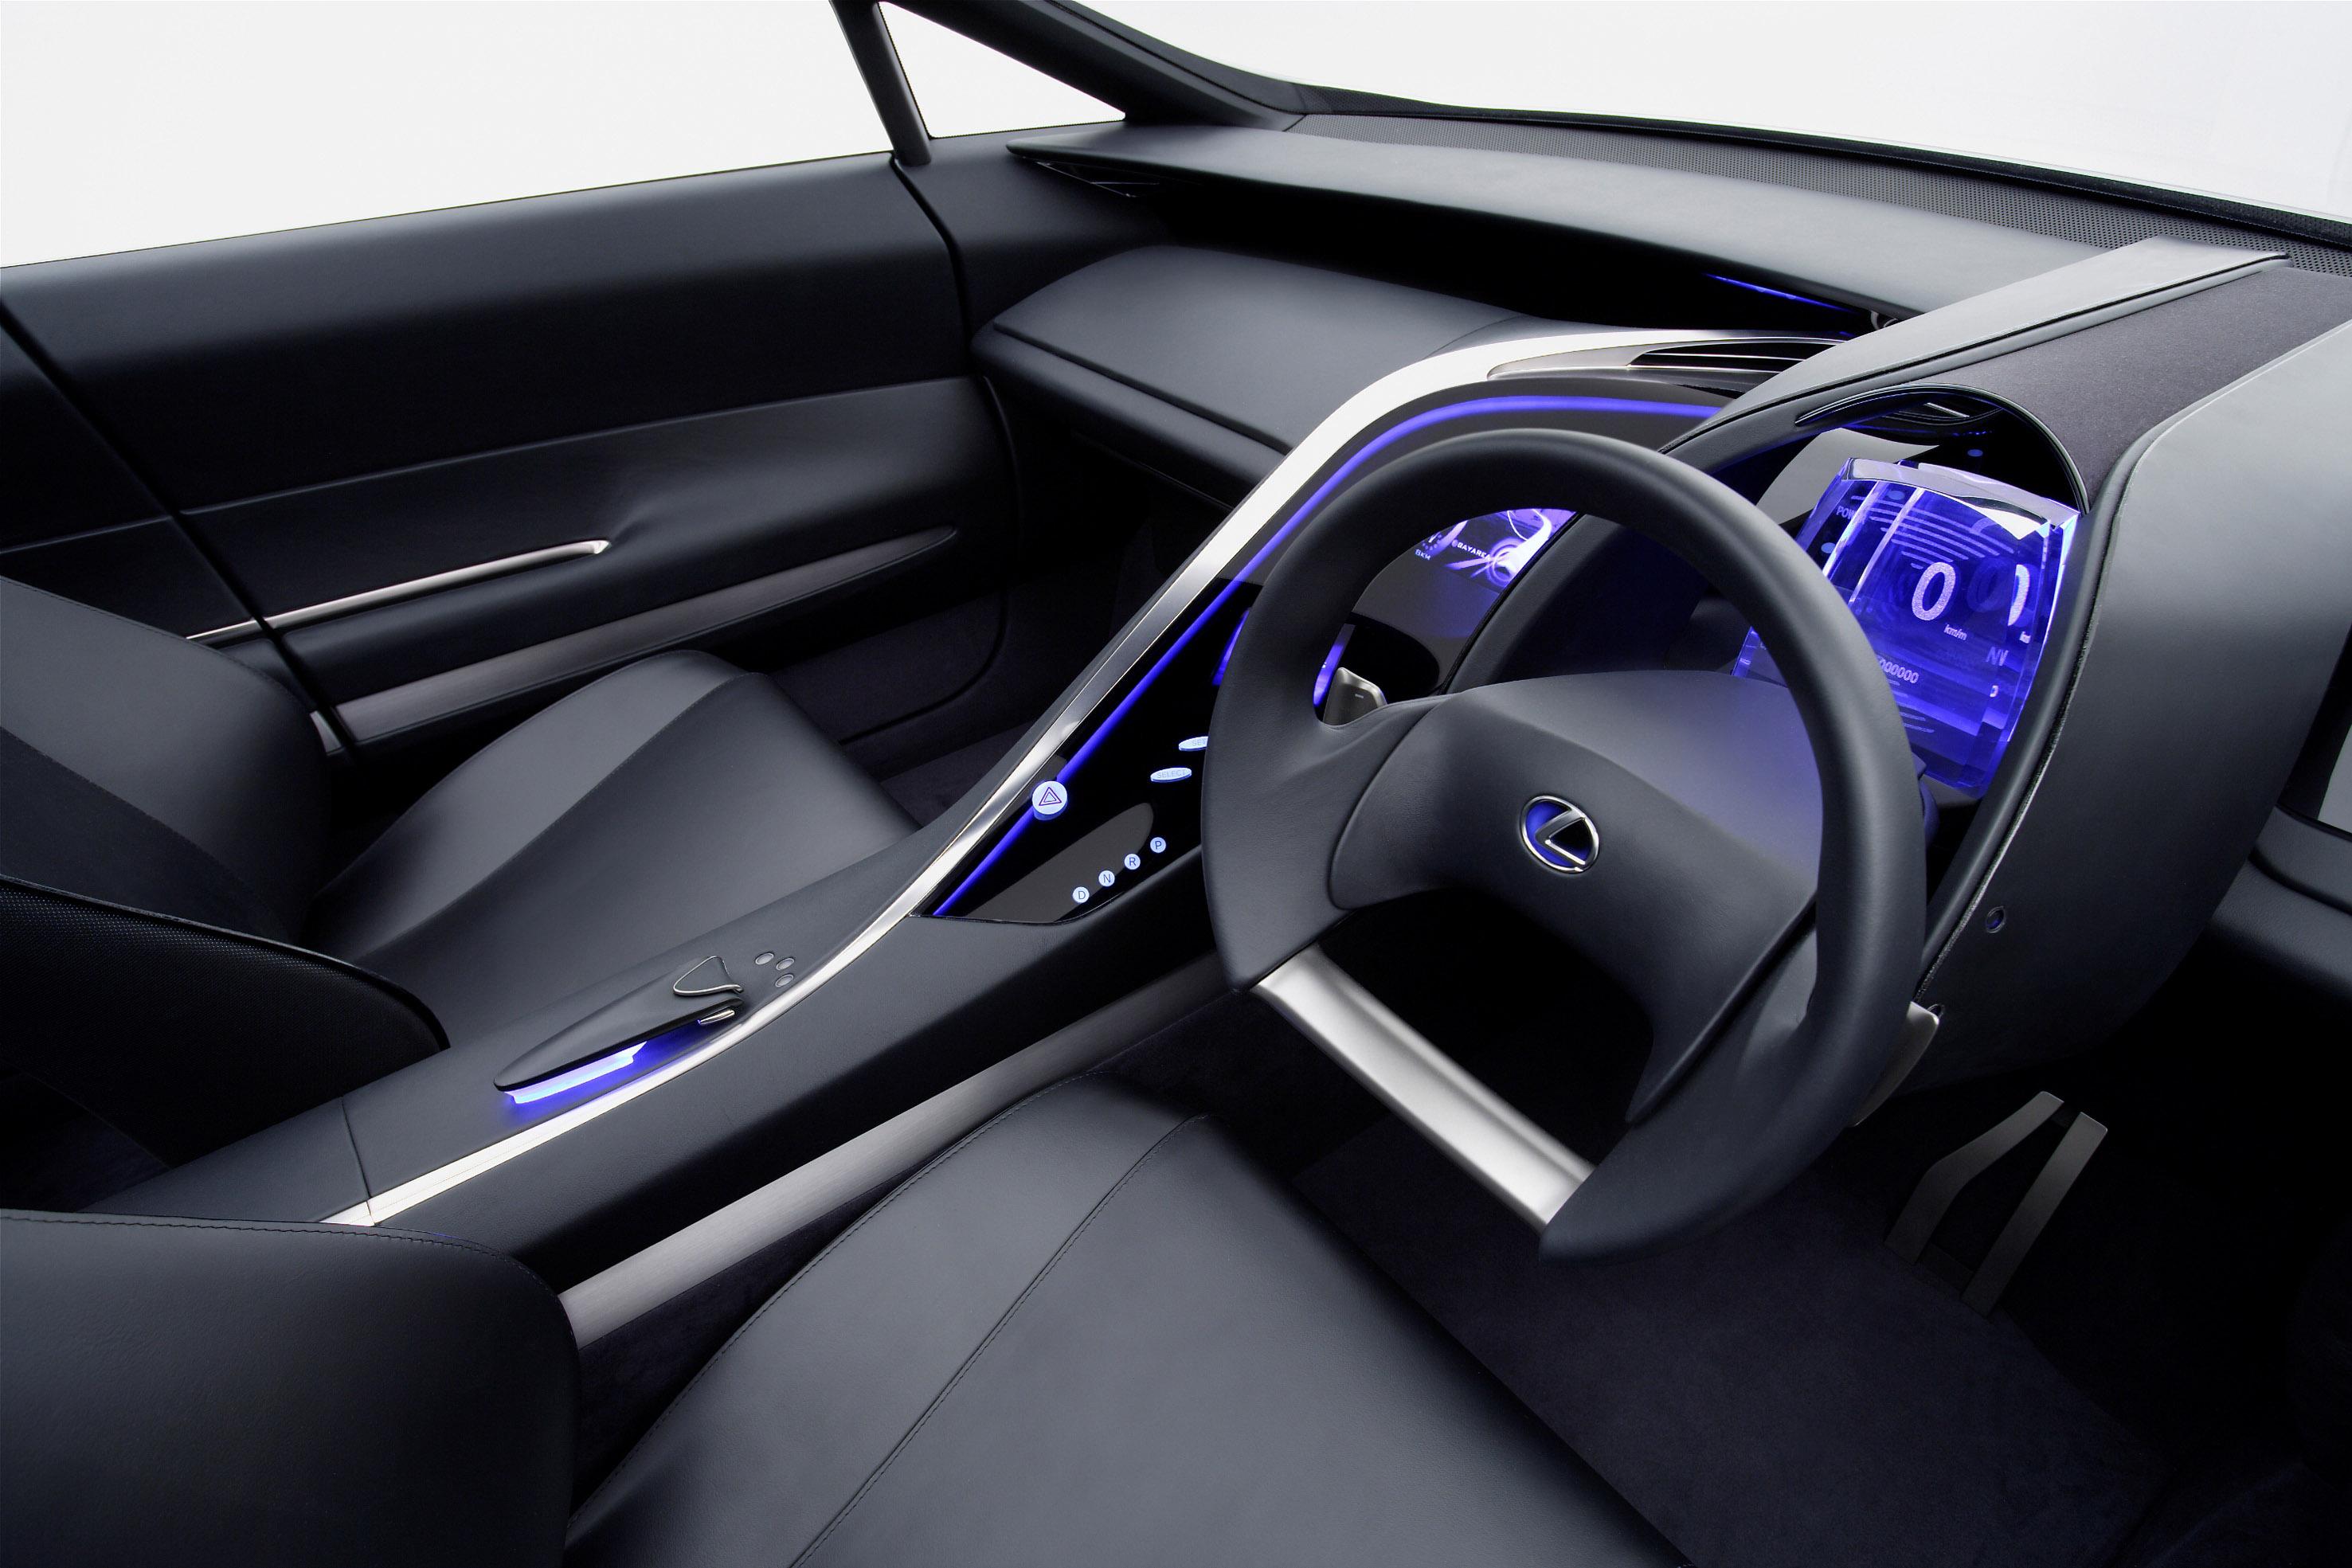 Lexus Lf Xh Hybrid Suv Concept